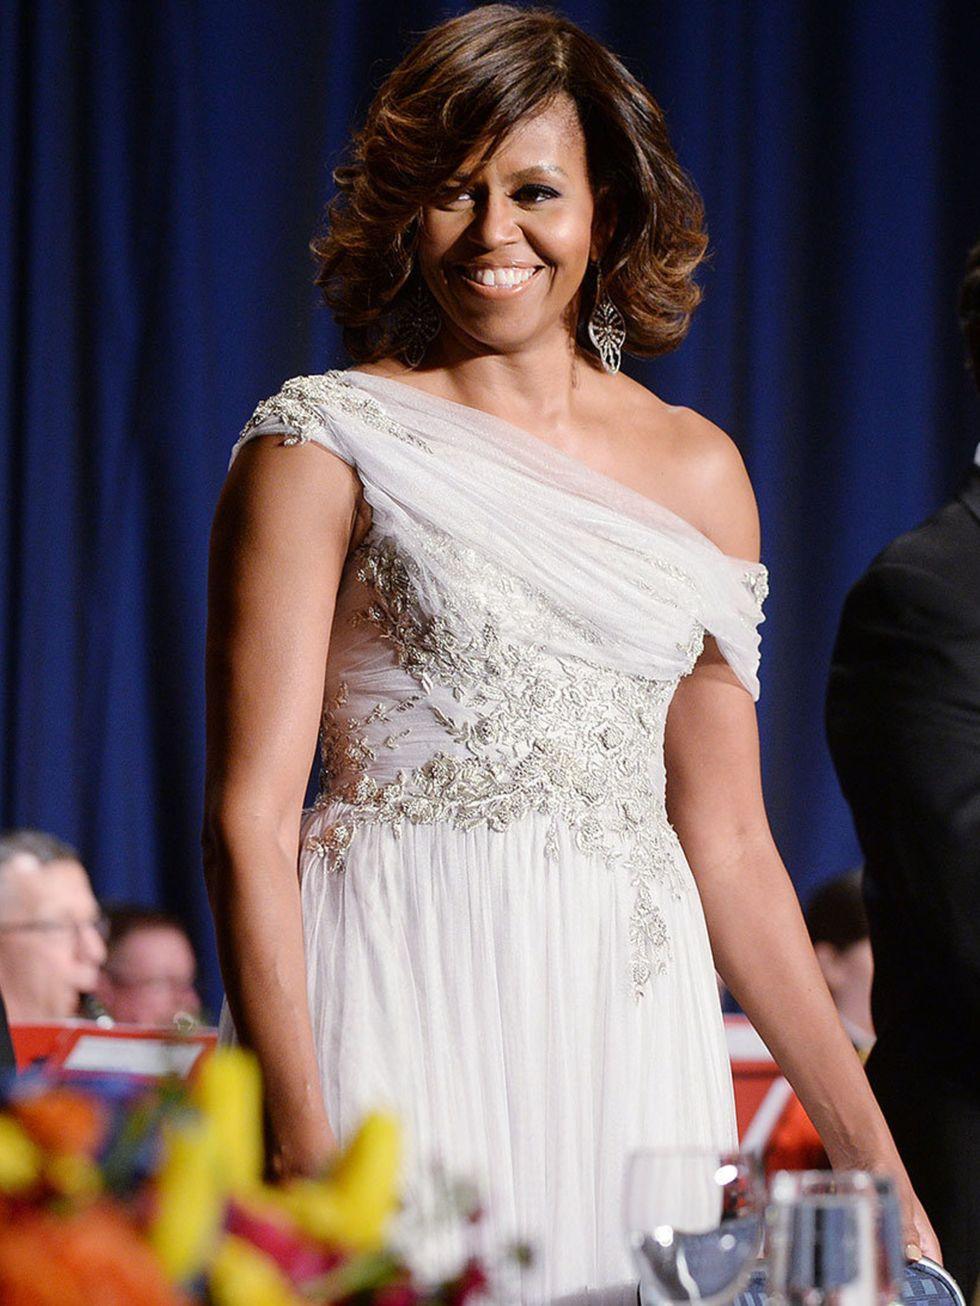 Biểu tượng thời trang thập niên 2000s Michelle Obama diện đầm dạ hội lệch vai chất liệu voan